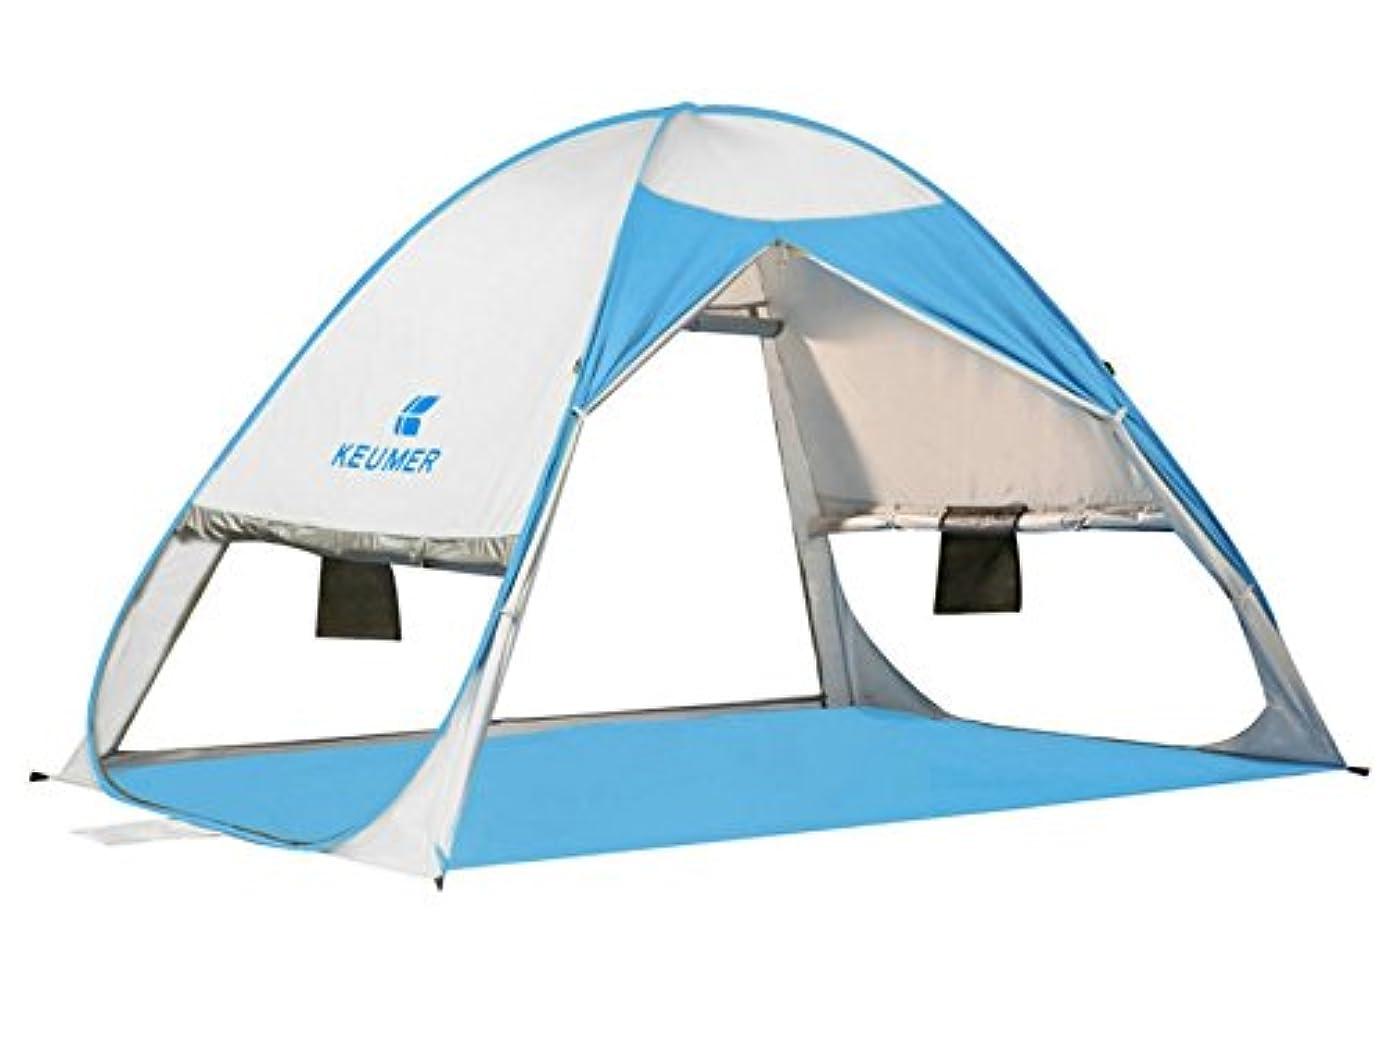 気配りのあるスカルク発明KEUMER ポップアップテント ビーチテント 幅200*奥行150*高130cm 3-4人用 UPF50+ 高耐水 通気性抜群 コンパクト収納 カーテン式 サンシェード